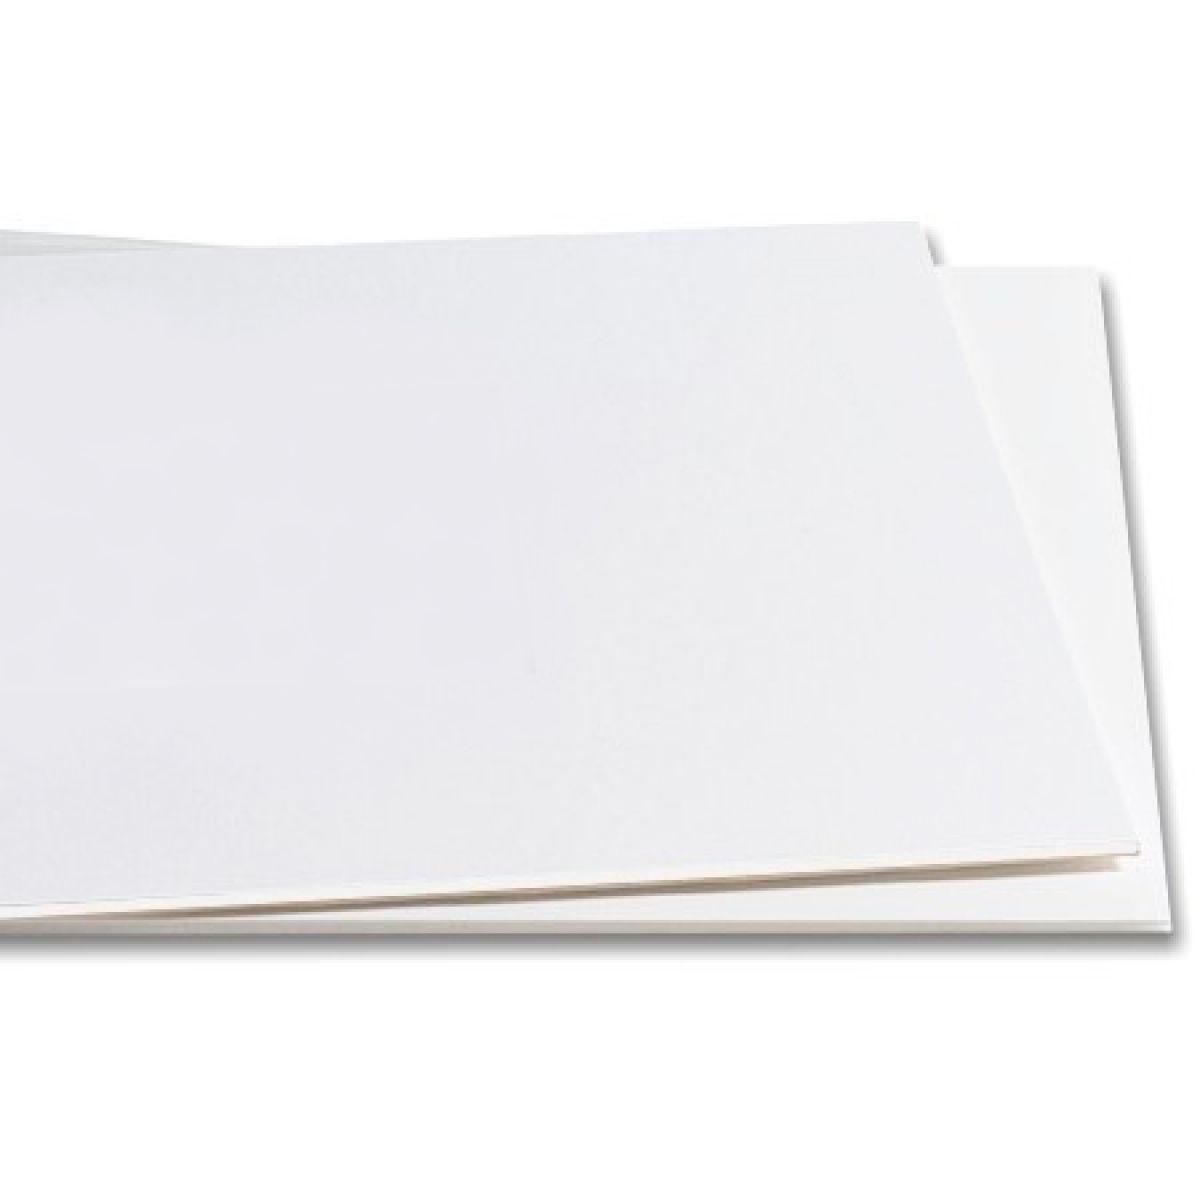 Papel Couche Brilho 300g A4 Embalagem Com 50 Folhas Phandora